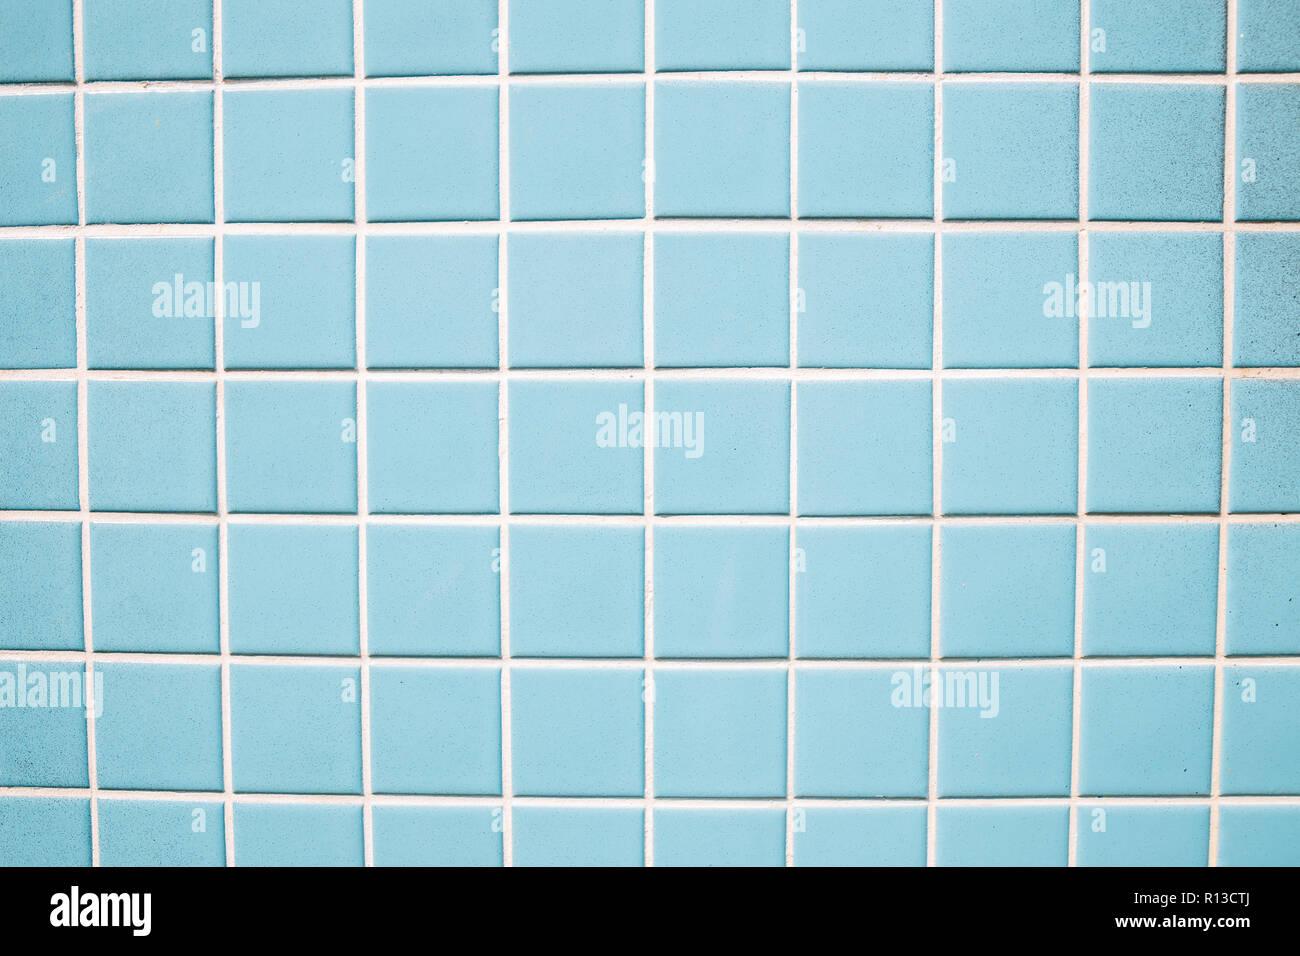 Hellblau Fliesen Wand Textur Hintergrund Stockfoto Bild 224425394